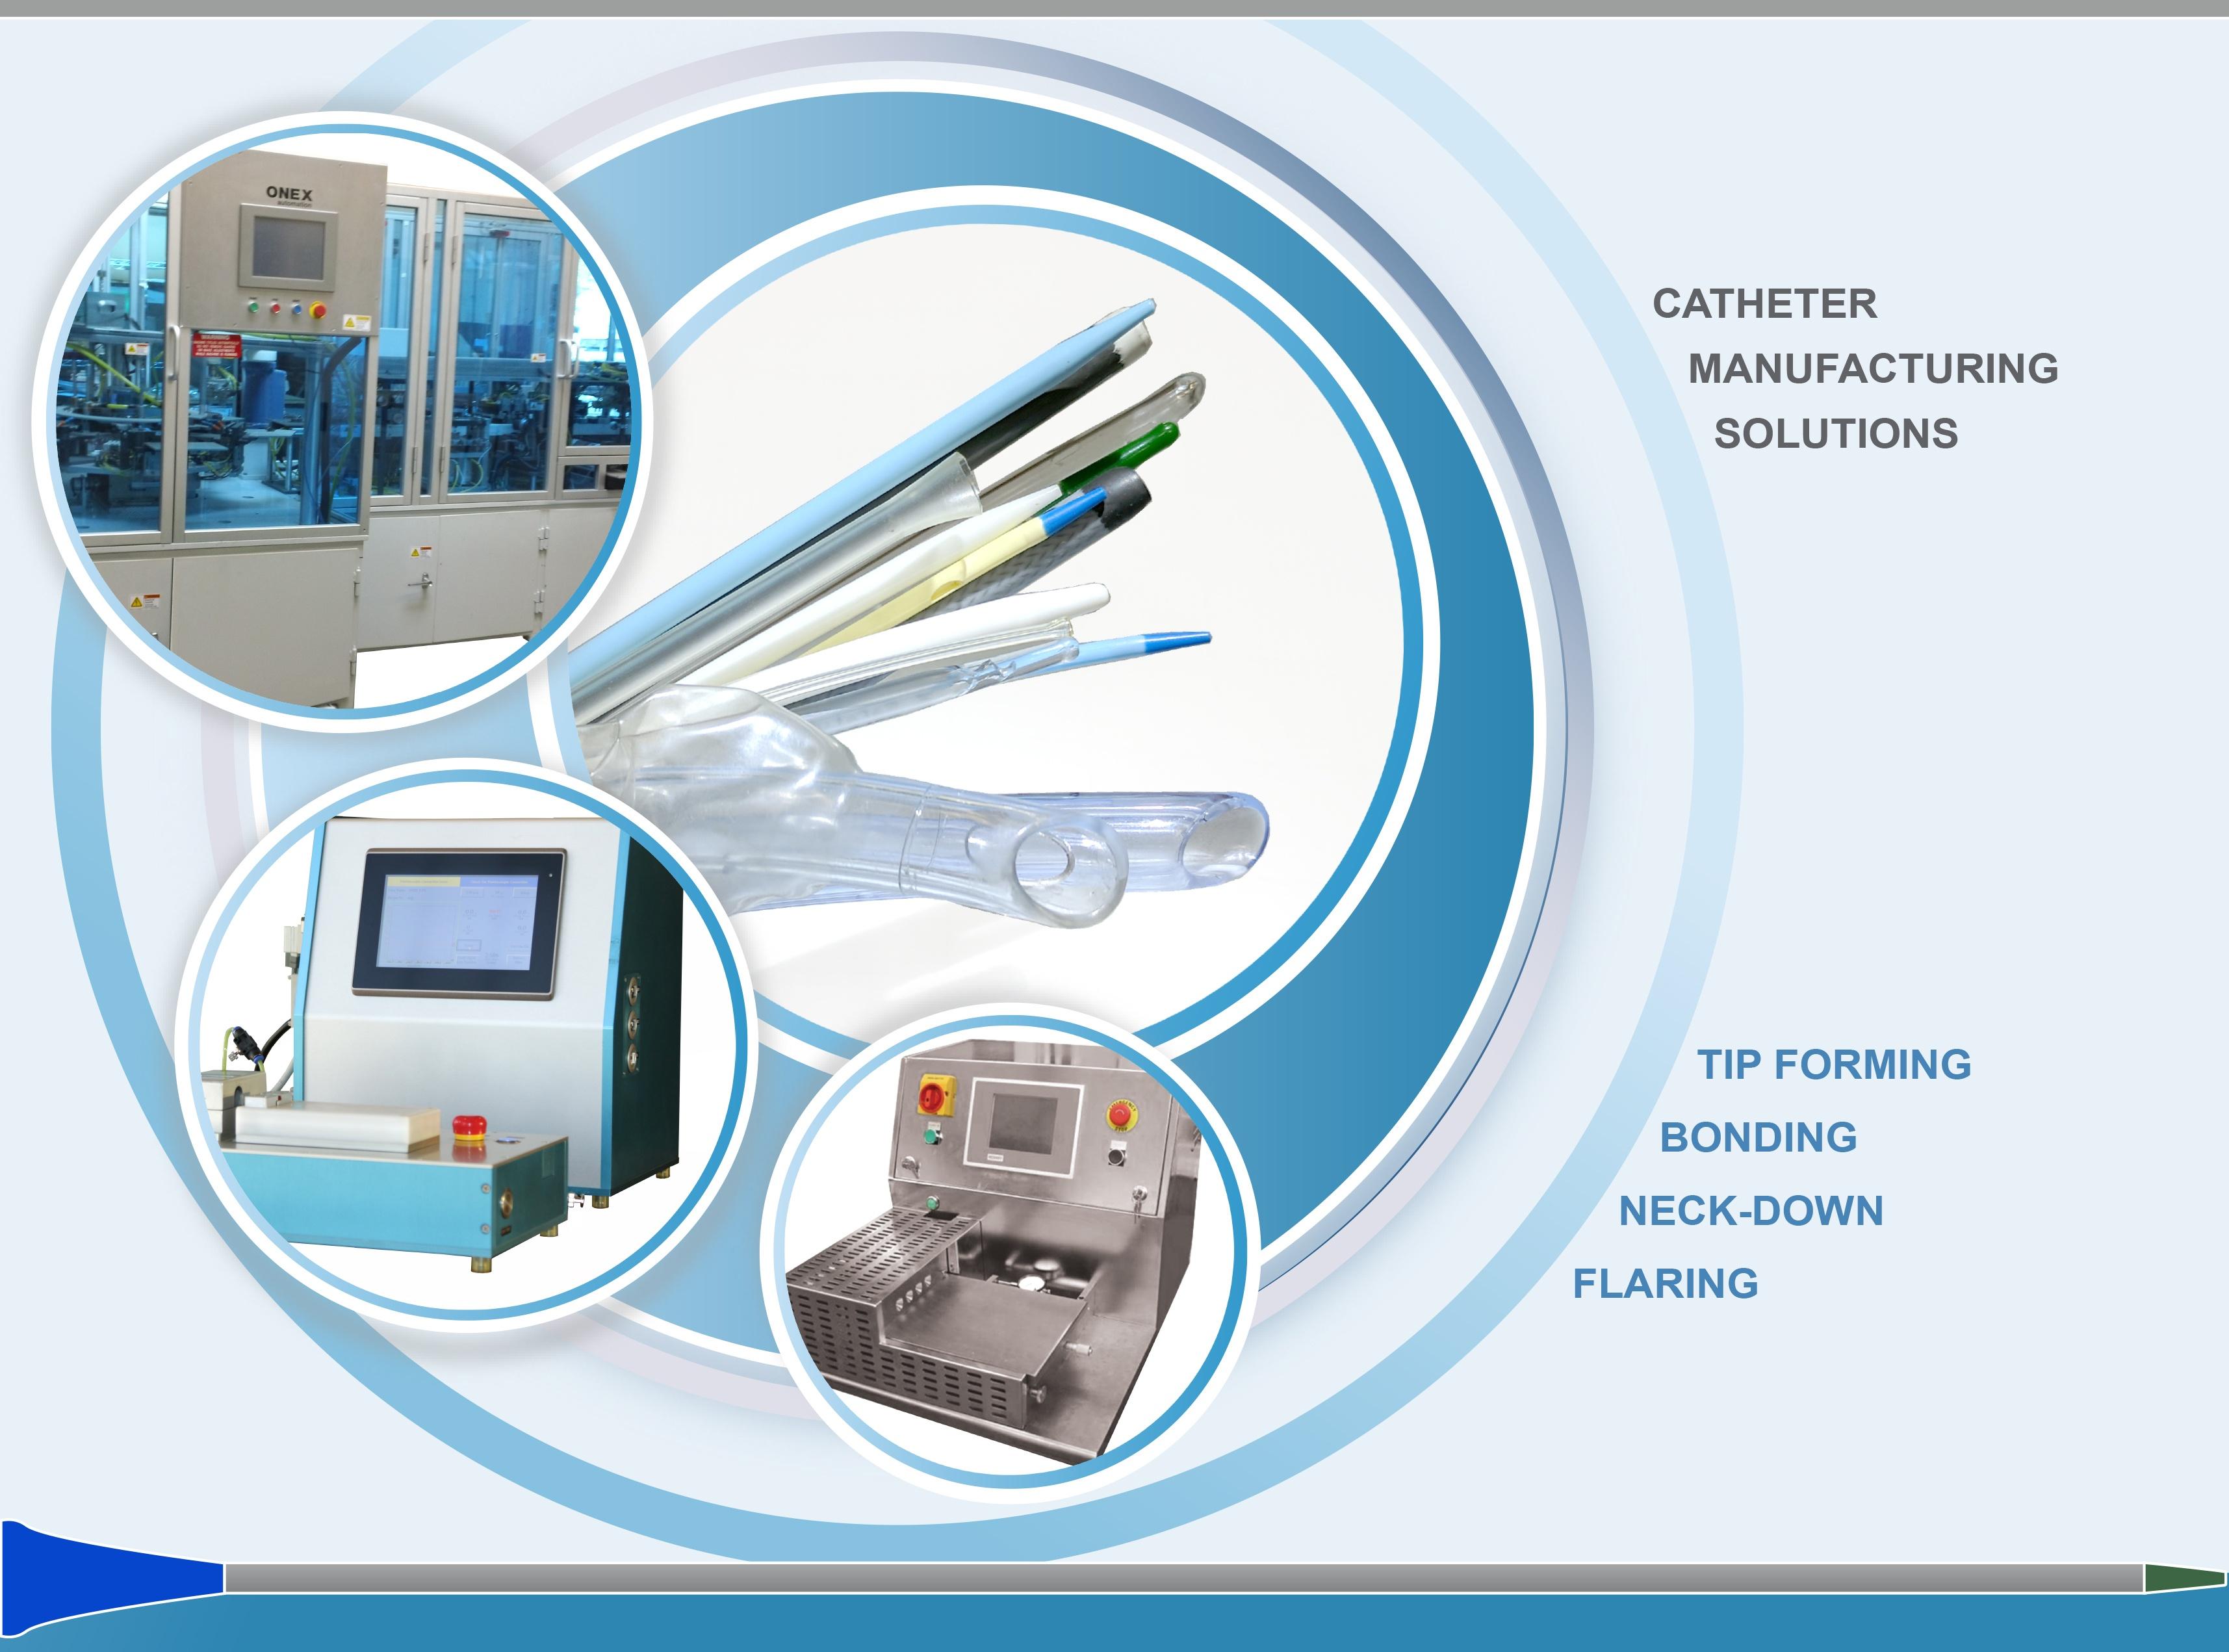 RF-Catheter-Tip-Forming-Soft-Tip-Bonding-Systems